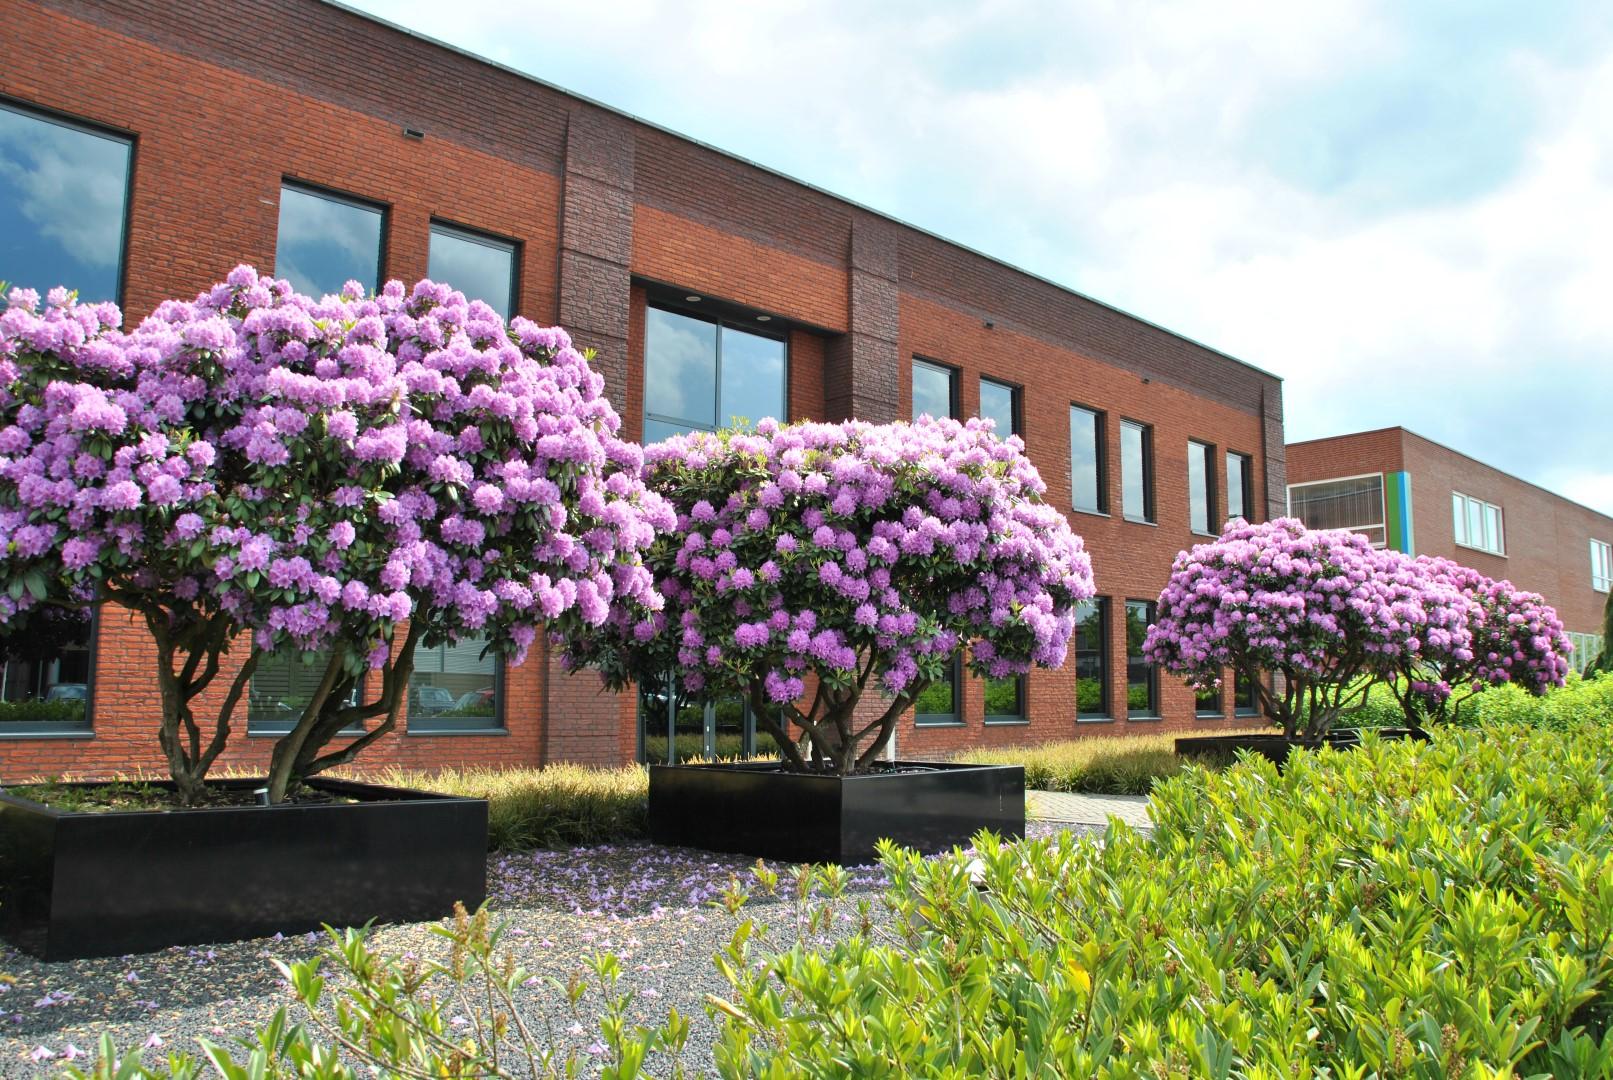 Heester harmonie – De majestueuze rododendrons en azalea's